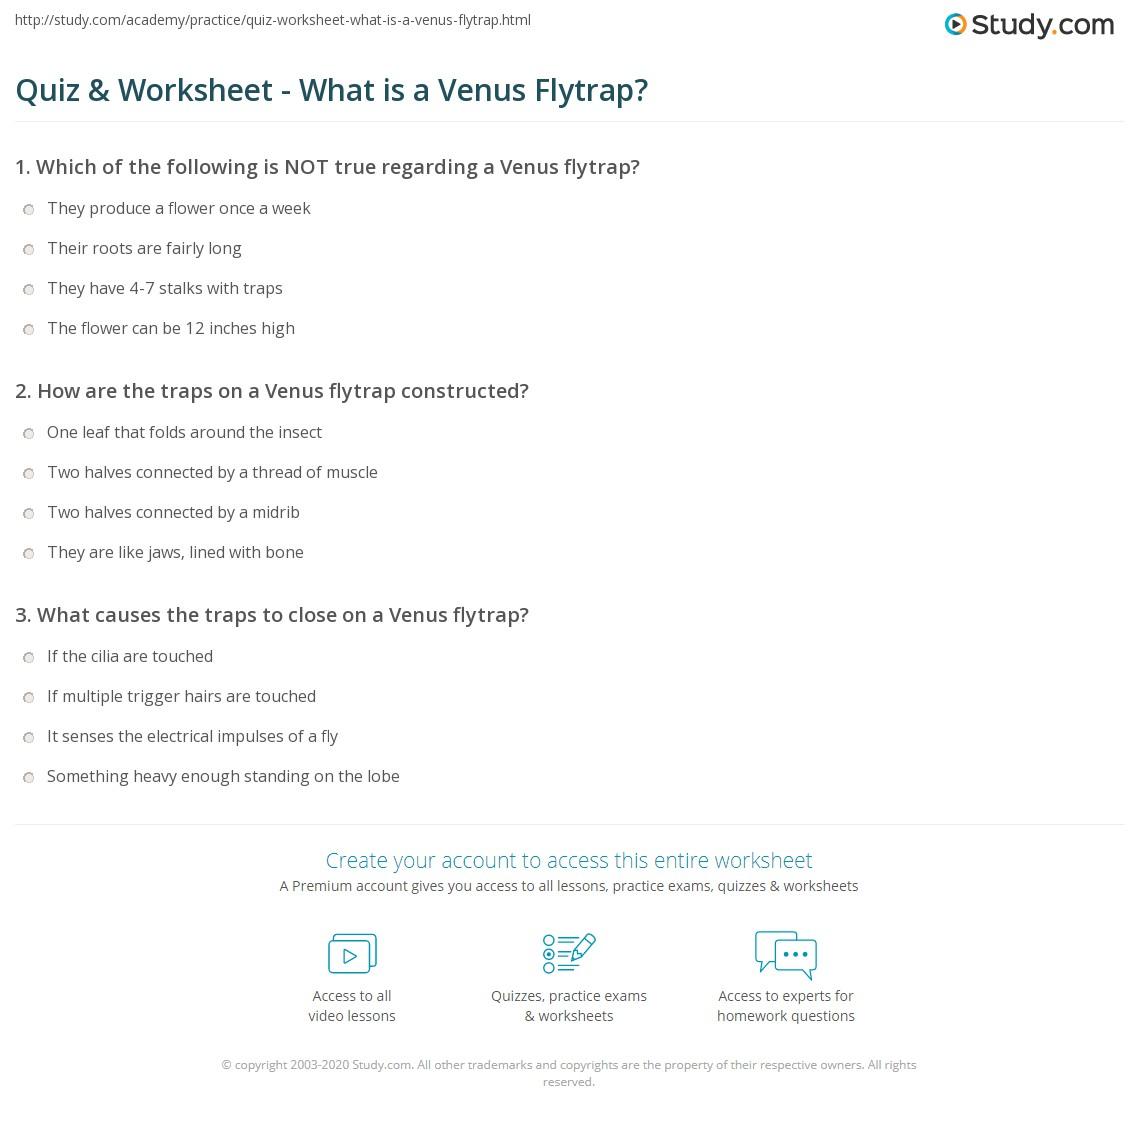 Quiz & Worksheet - What is a Venus Flytrap? | Study.com